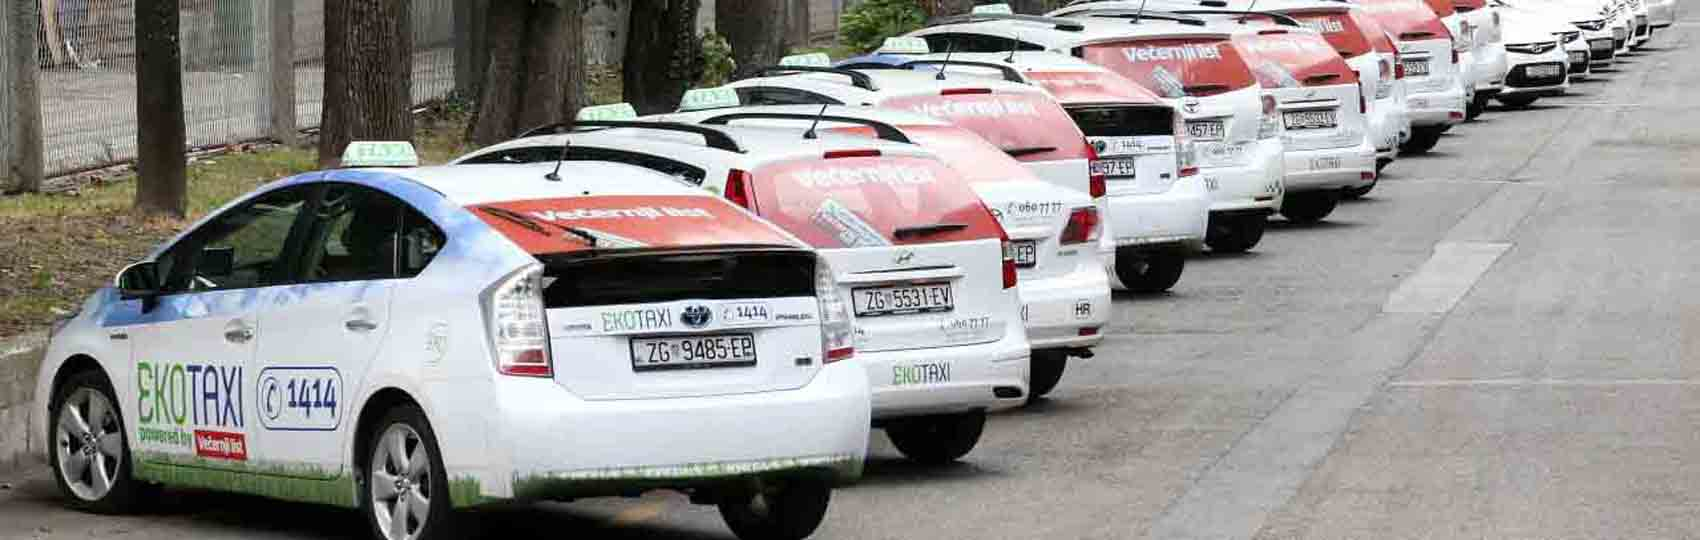 Noticias del sector del taxi y la movilidad en Croacia. Mantente informado de todas las noticias del taxi de Croacia en el grupo de Facebook de Todo Taxi.